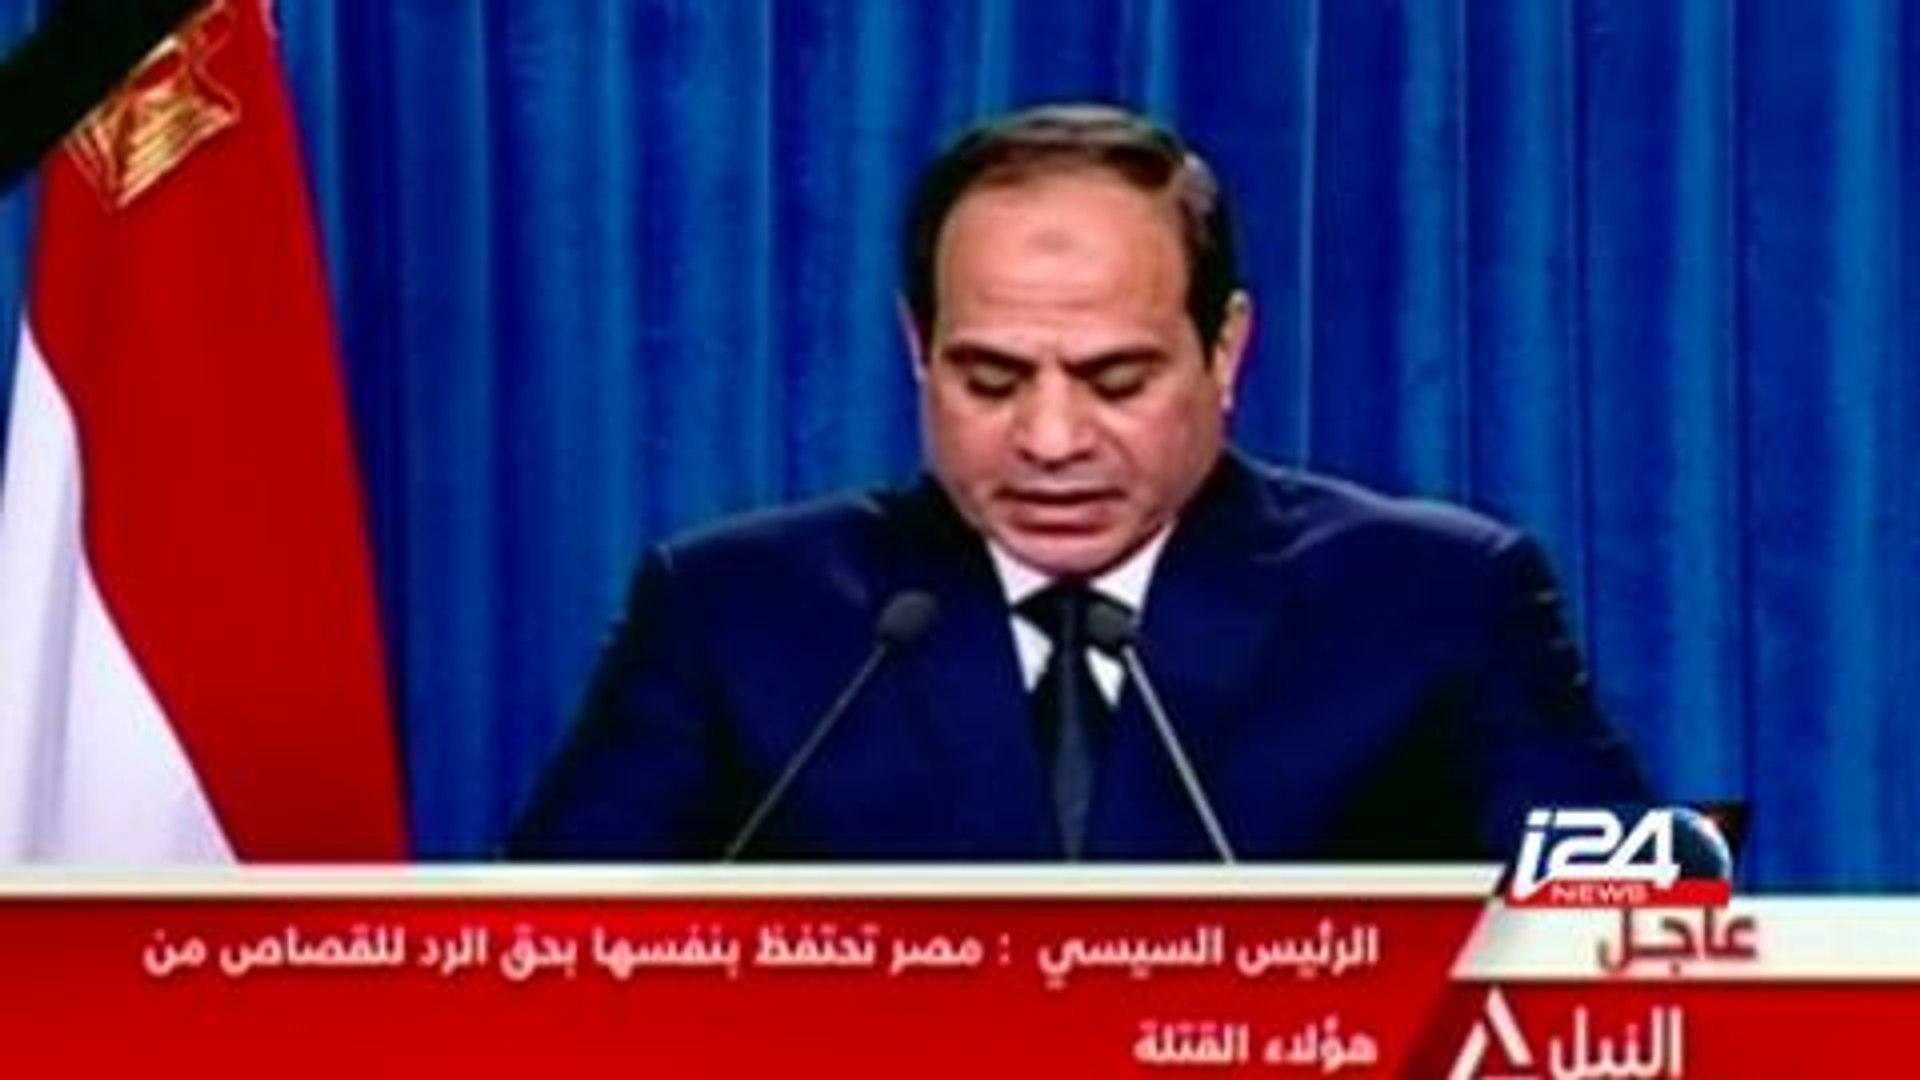 Sisi on Islamic State